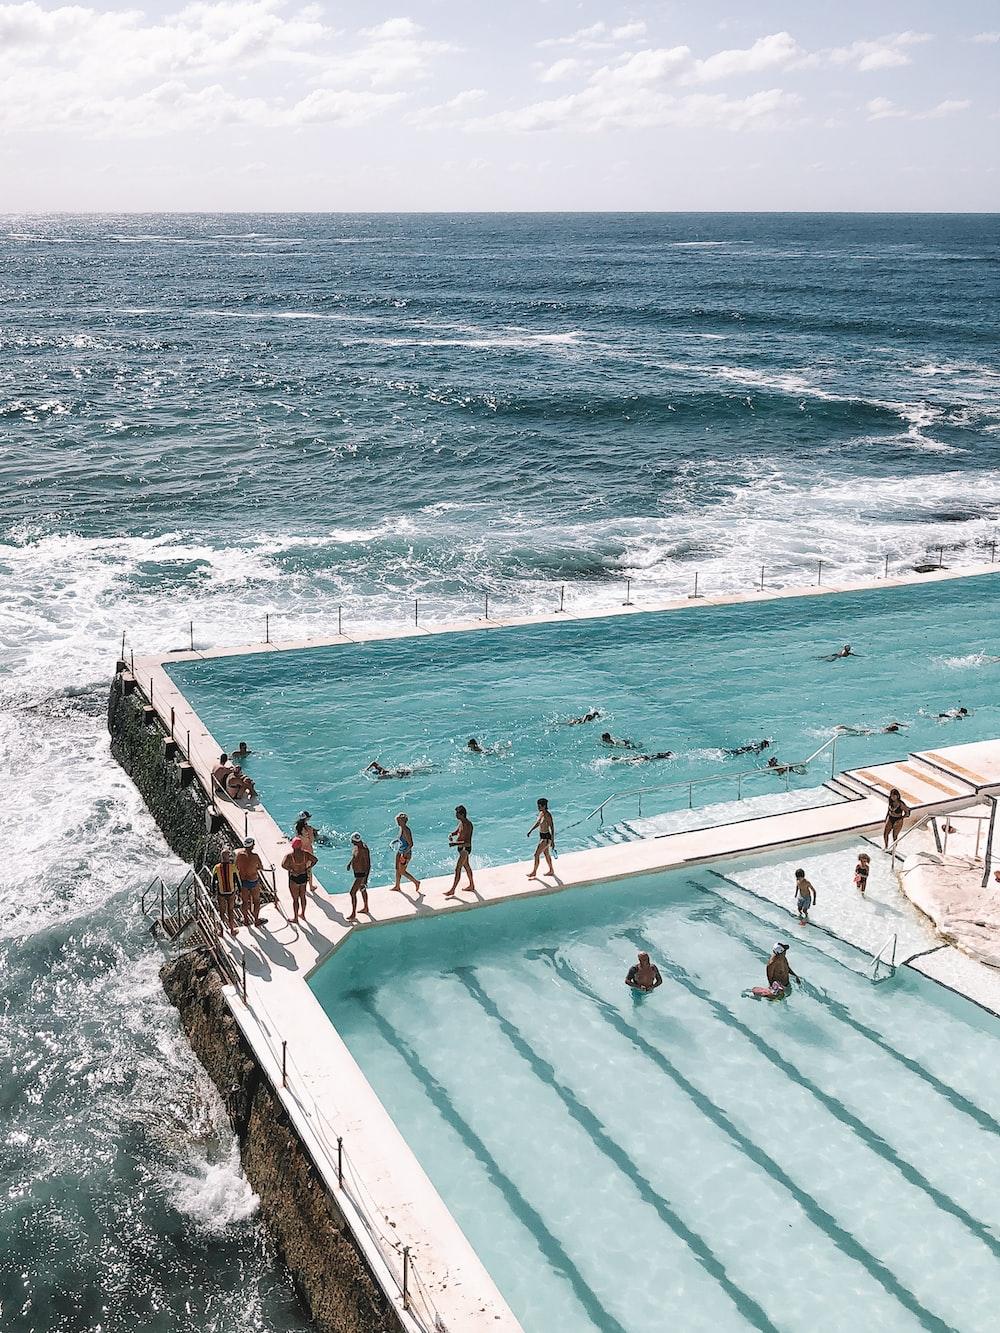 people swimming on pool near sea